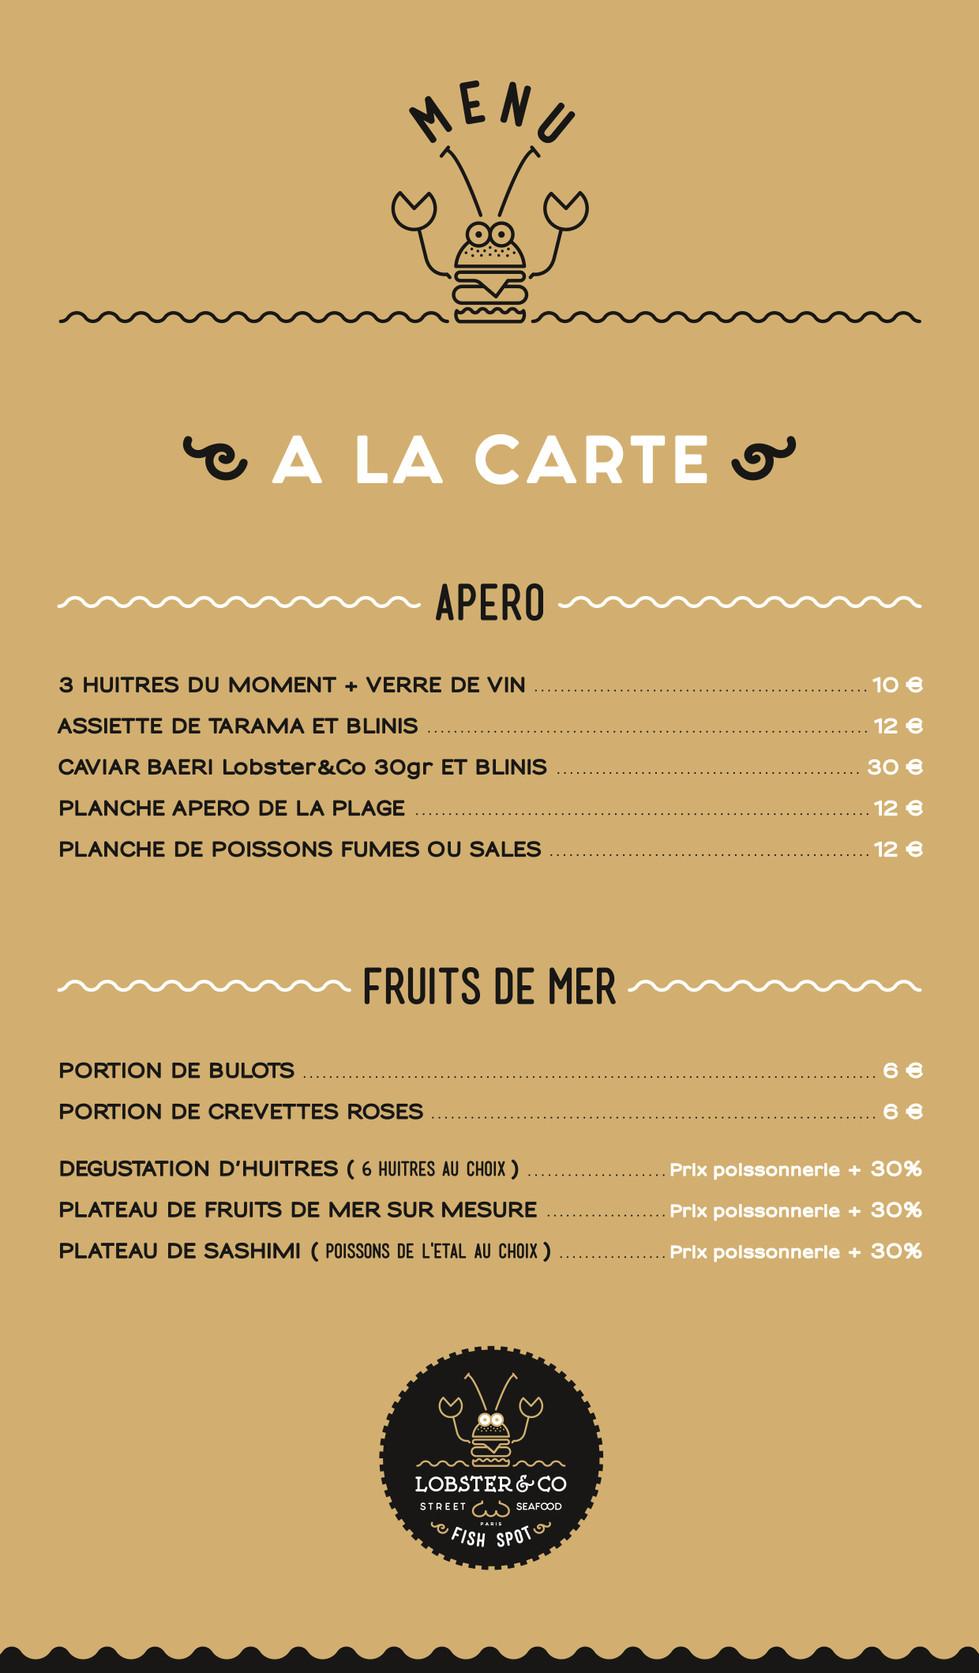 L&C_MENU A LA CARTE.jpg